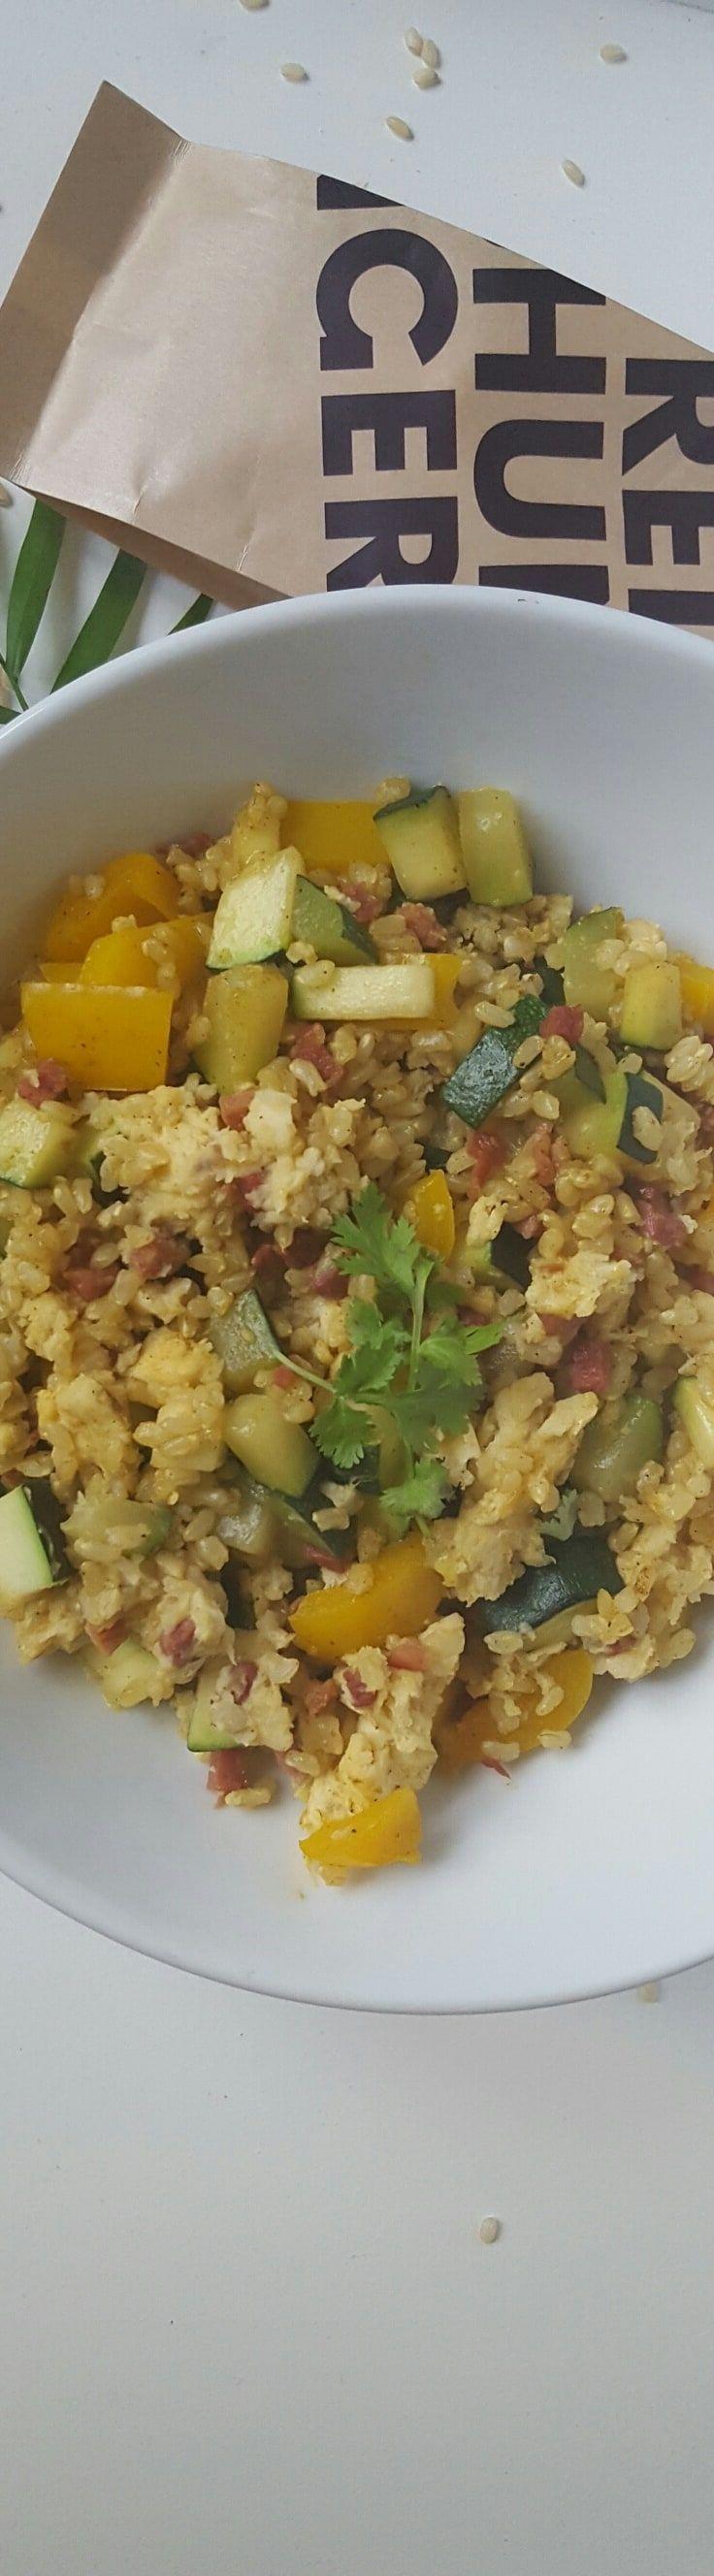 Gebratener Reis mit Ei - mit Schinken und Gemüse